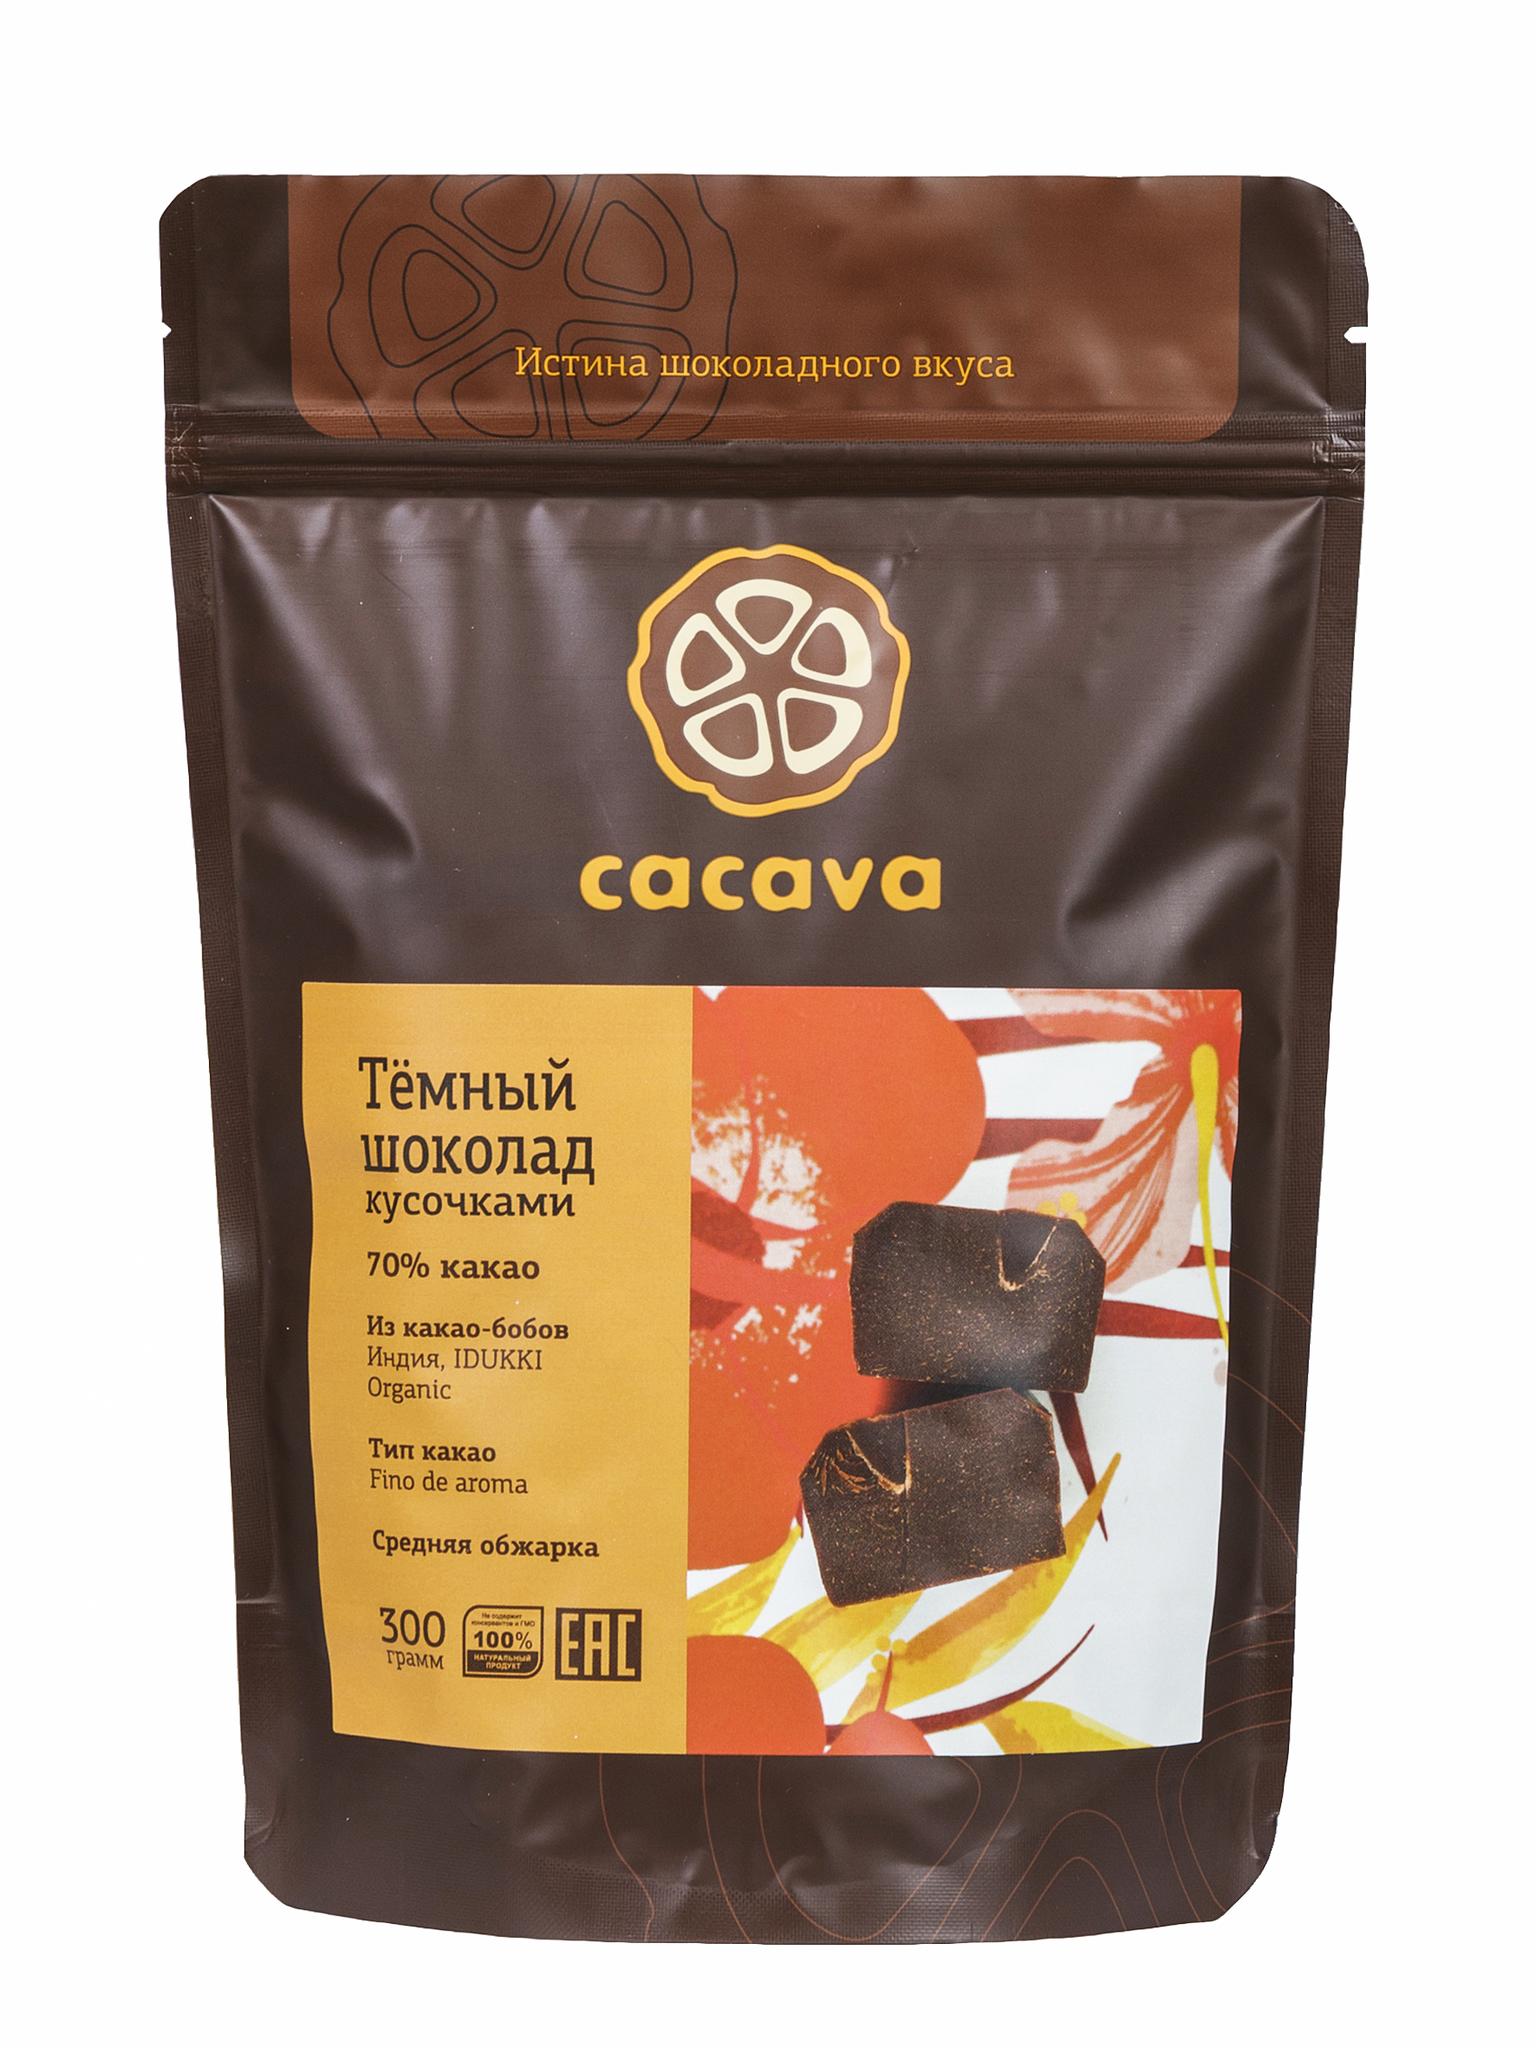 Тёмный шоколад 70 % какао (Индия, IDUKKI), упаковка 300 грамм